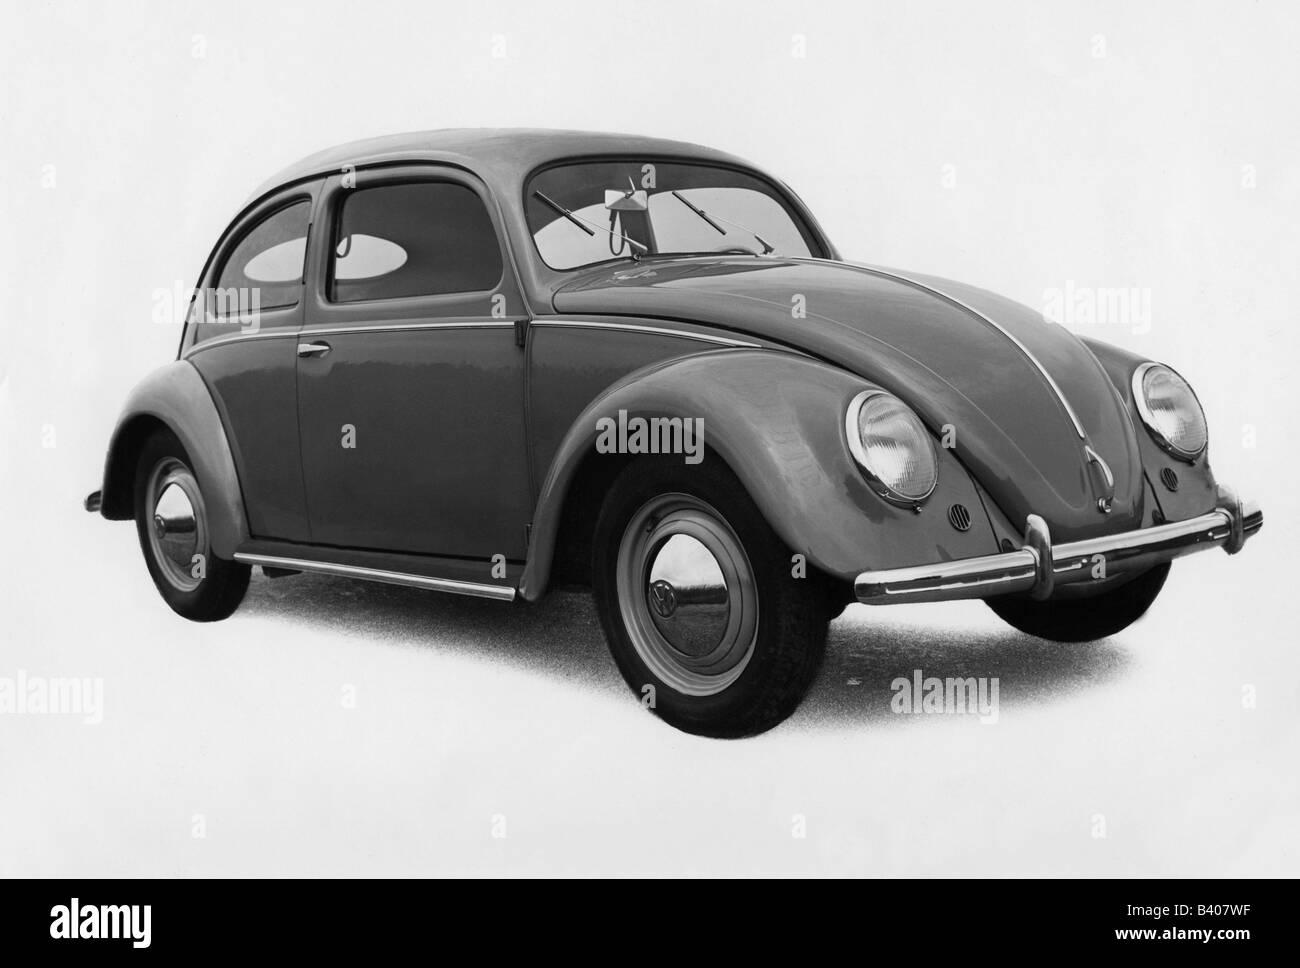 1960 volkswagen beetle stockfotos 1960 volkswagen beetle. Black Bedroom Furniture Sets. Home Design Ideas